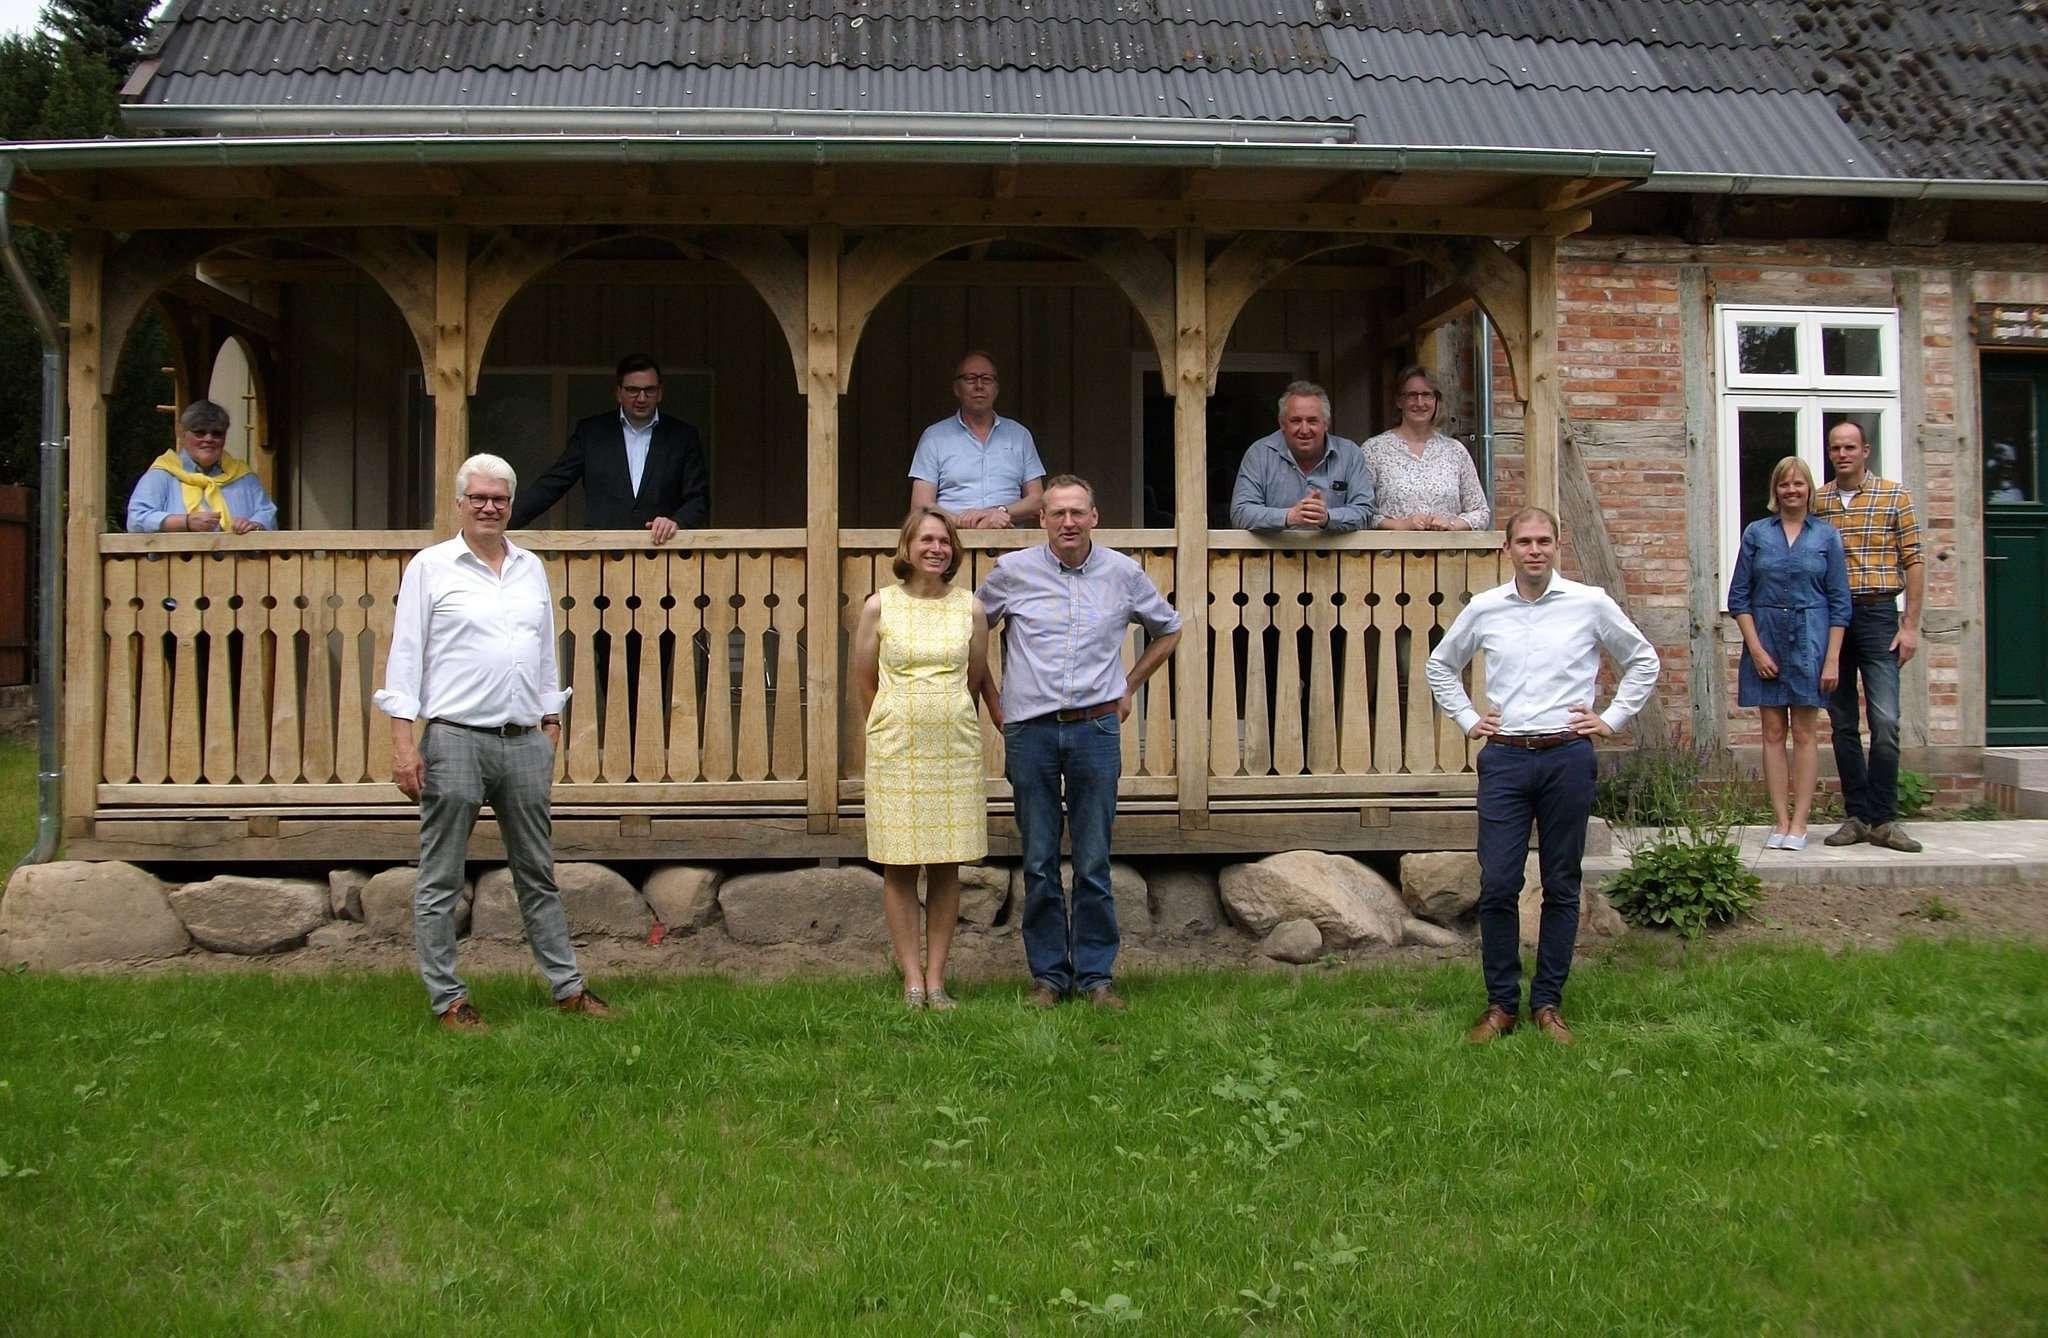 Die Delegation mit Bürgermeister Ralf Goebel (vorne links) und Eike Holsten (vorne rechts) vor der alten Schule.